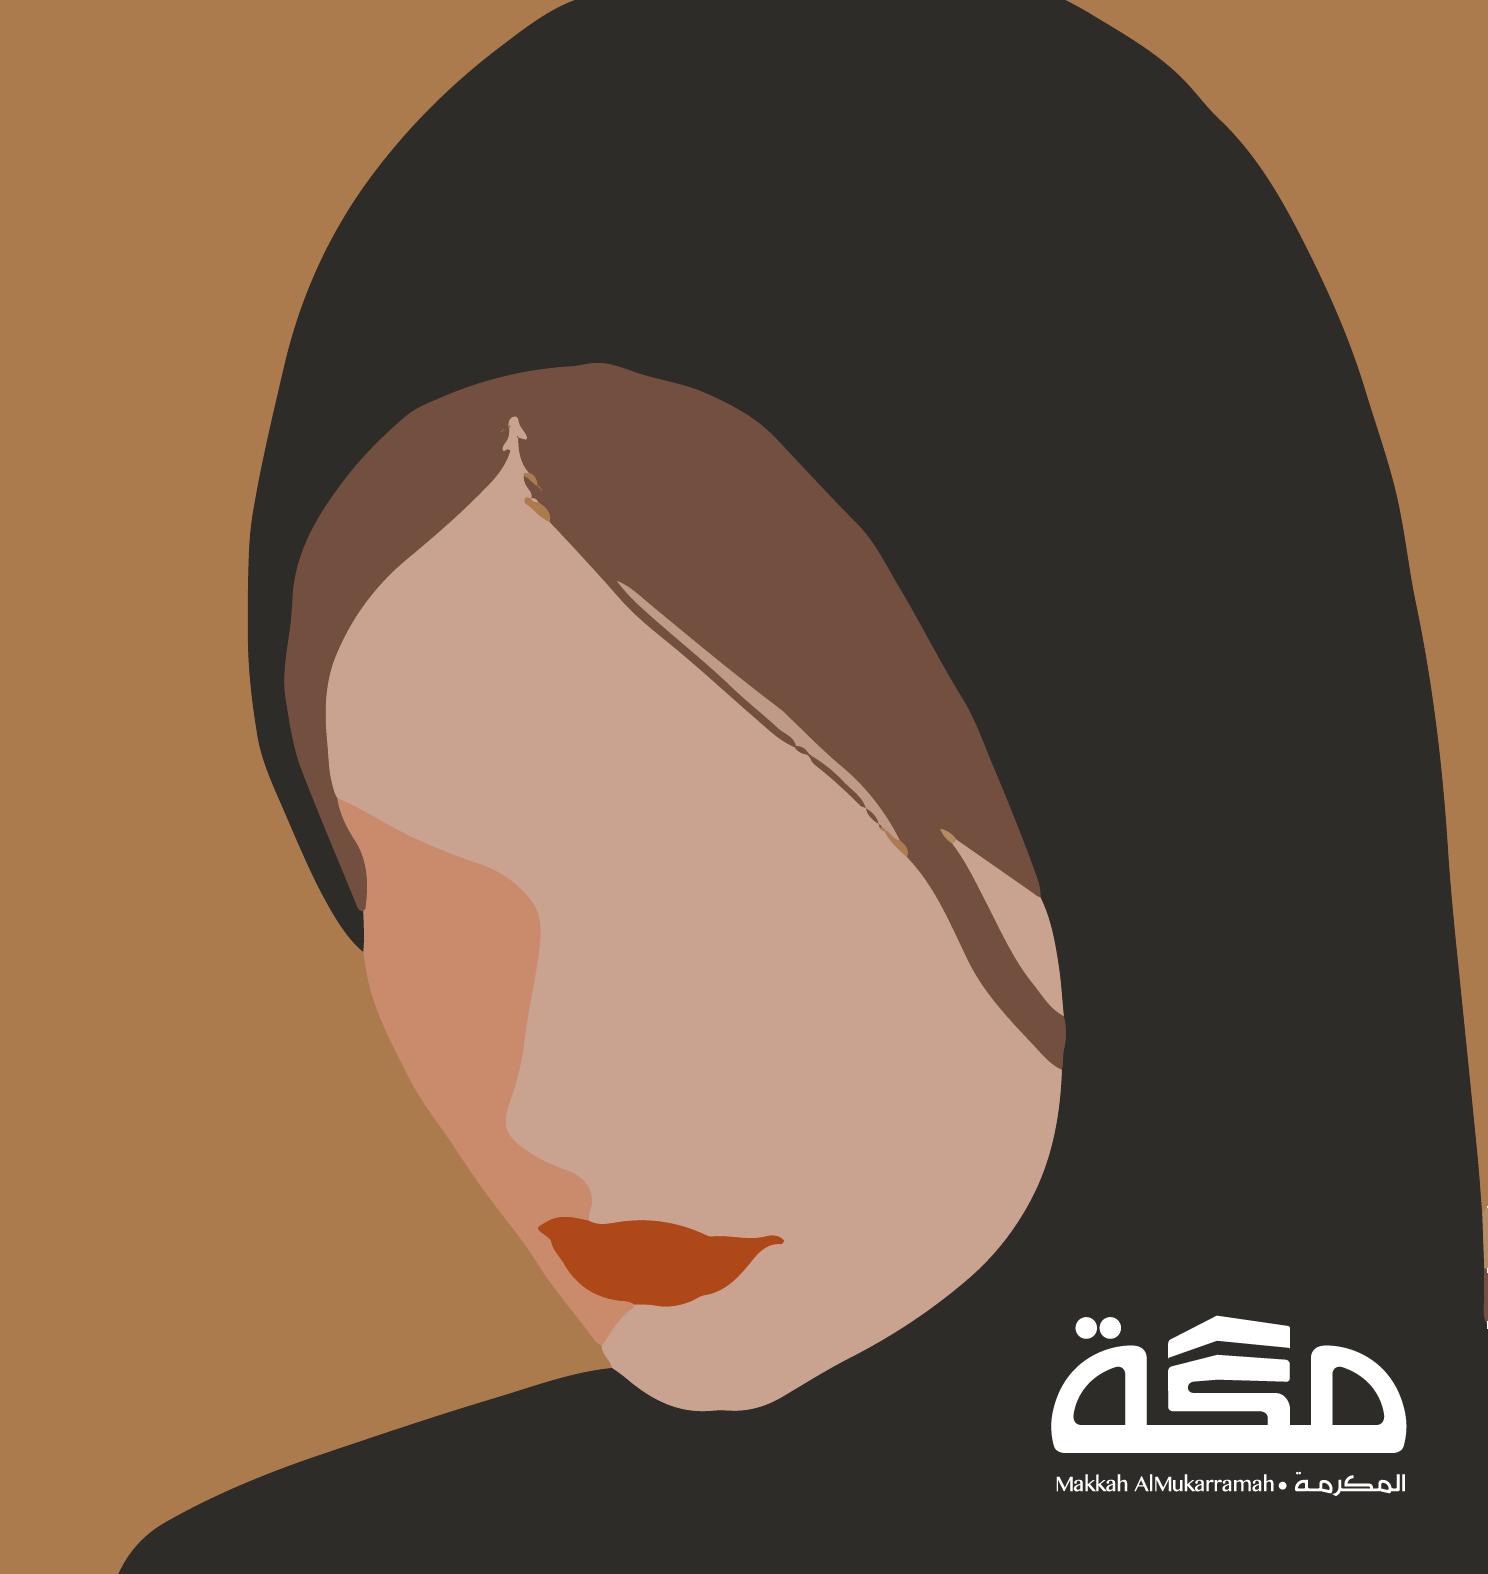 صالحة أحمد الصبحي